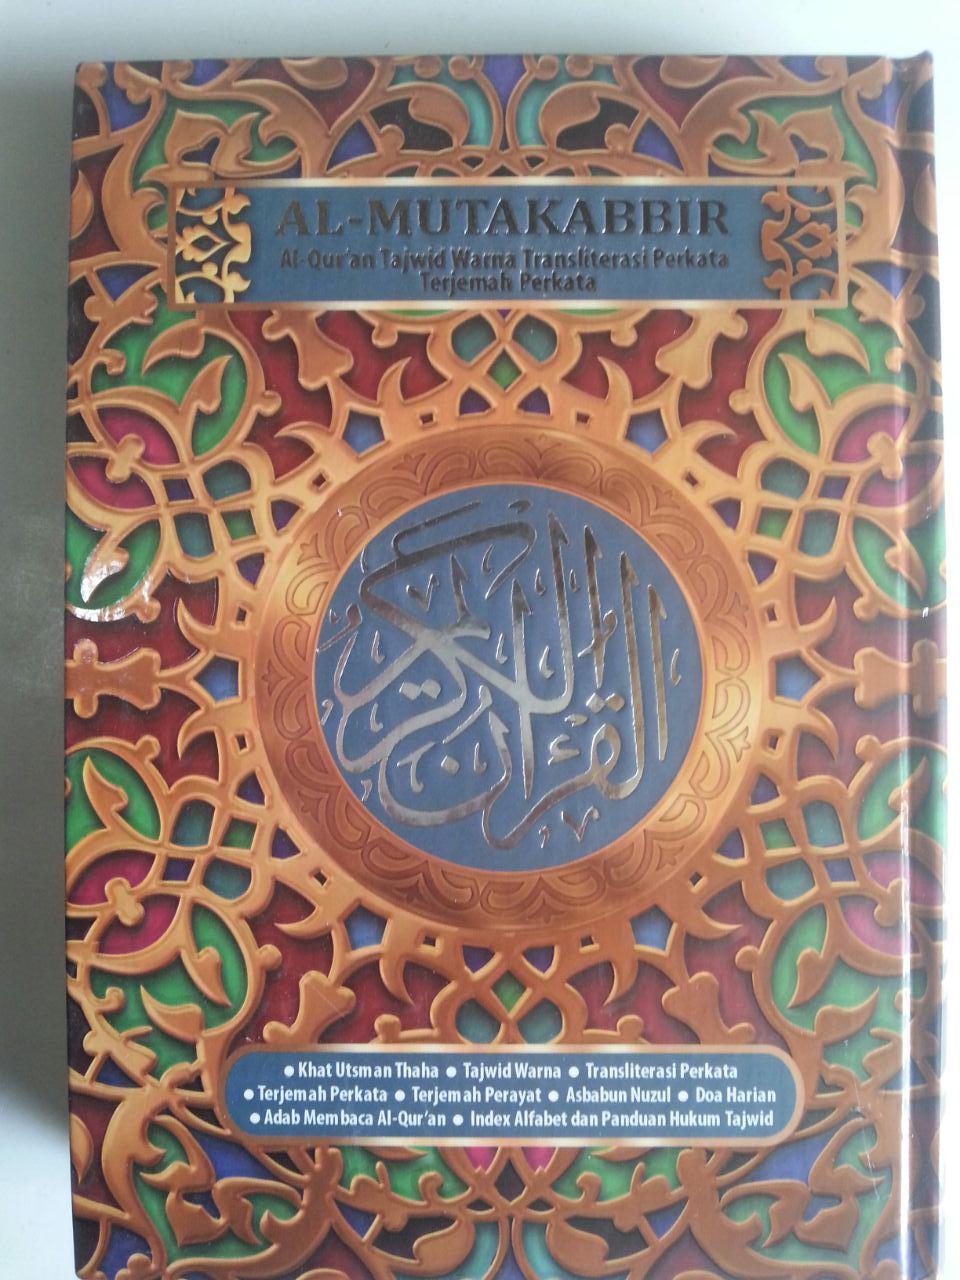 Al-Qur'an Tajwid Warna Transliterasi Terjemah Perkata Al-Mutakabbir A5 cover